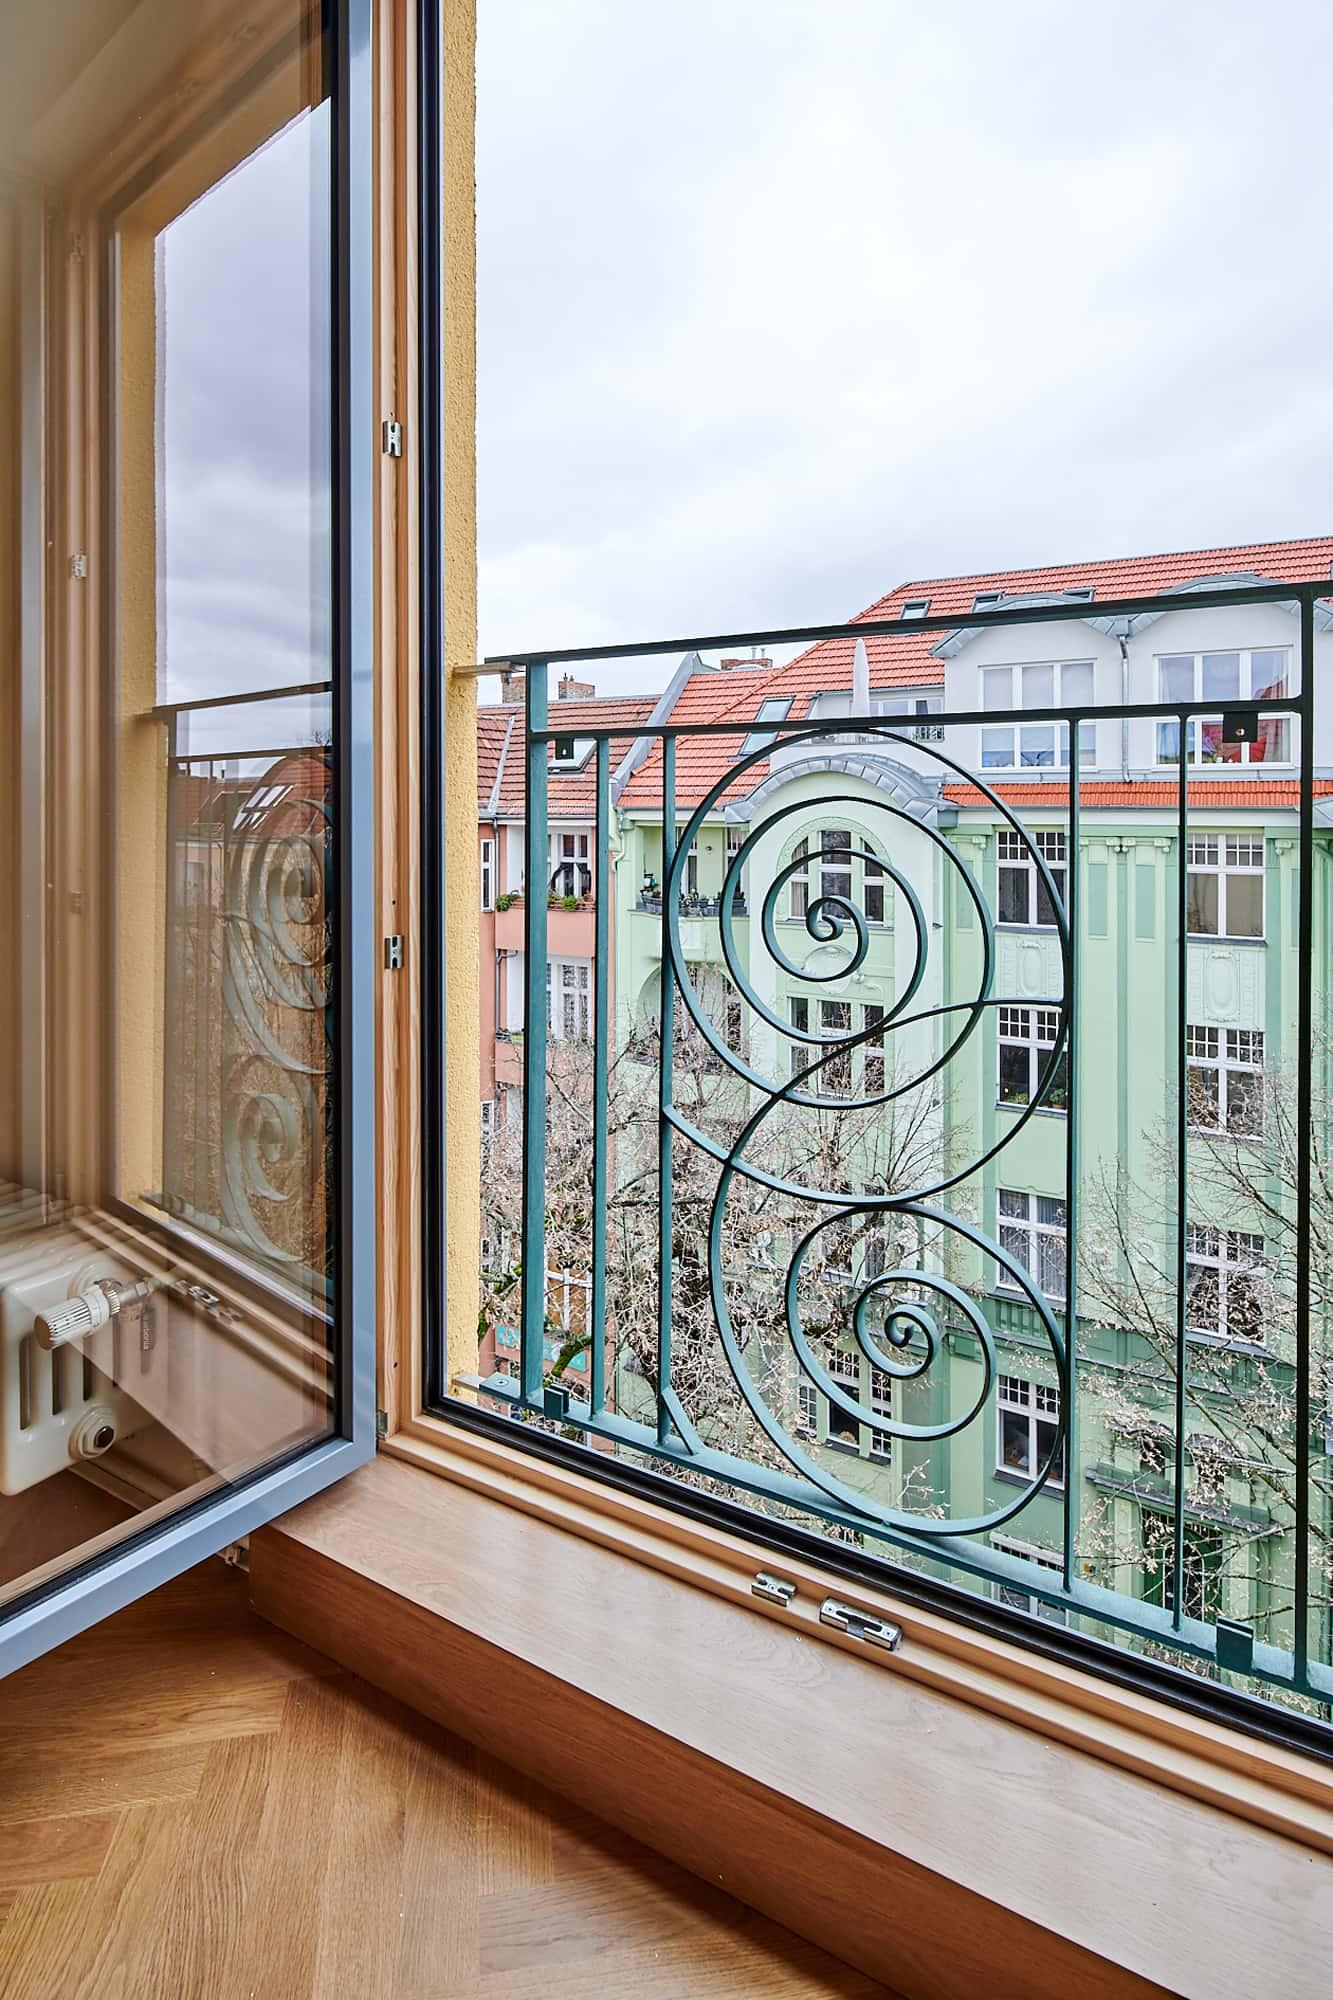 Gabriele Riesner, Architektin, Berlin, Dachgeschossausbau eines Mietshauses in Berlin-Steglitz, Detail Brüstungsgeländer